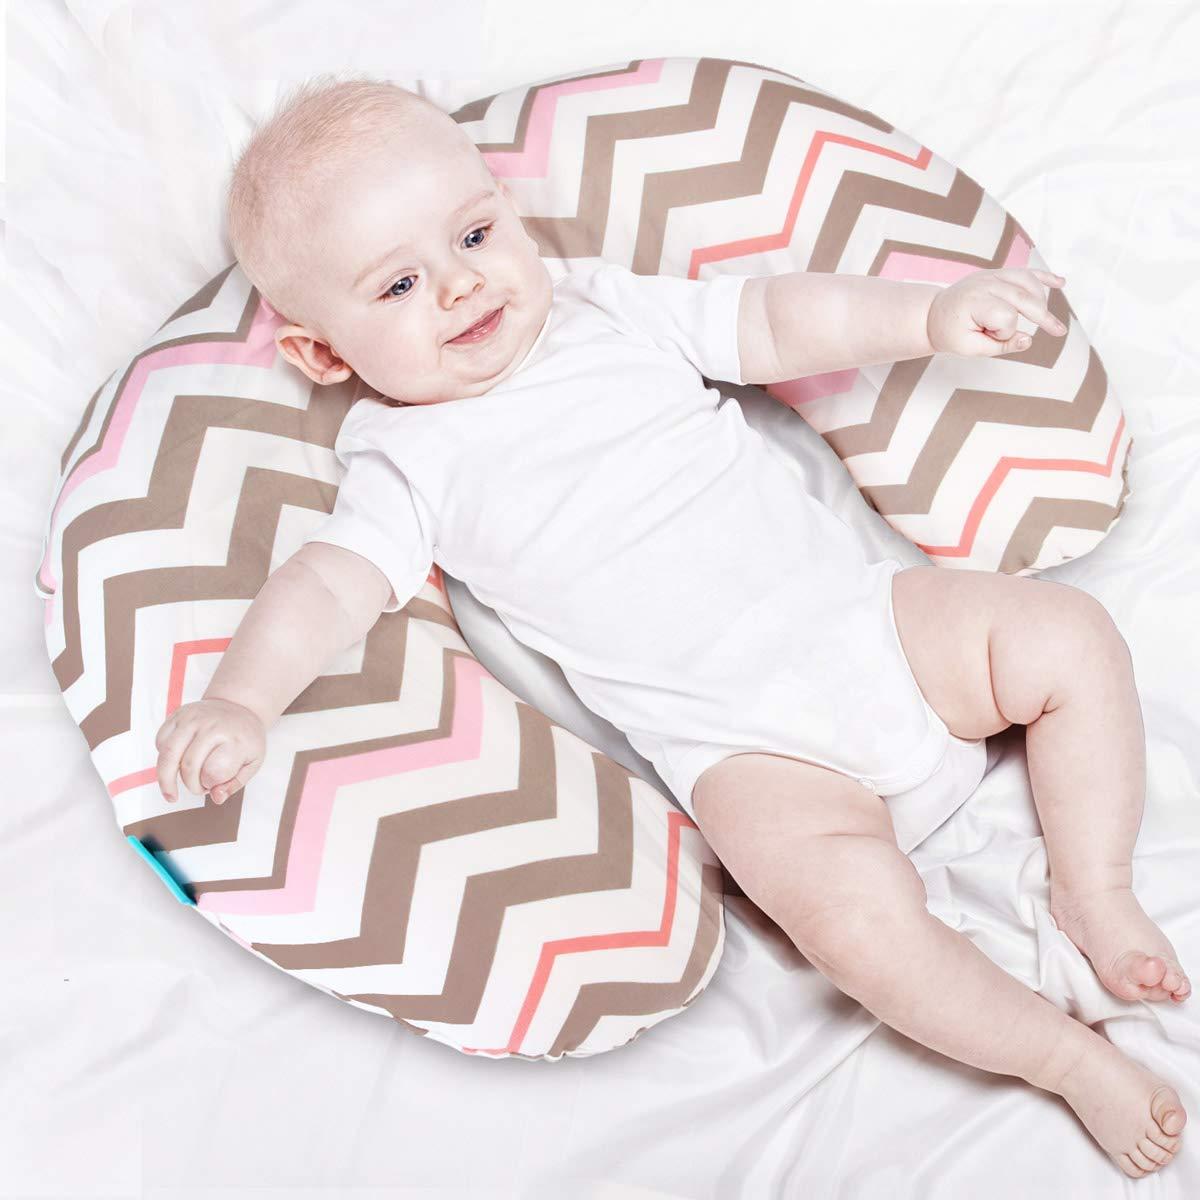 Amazon.com: Almohada para niños - 2 unidades: Baby